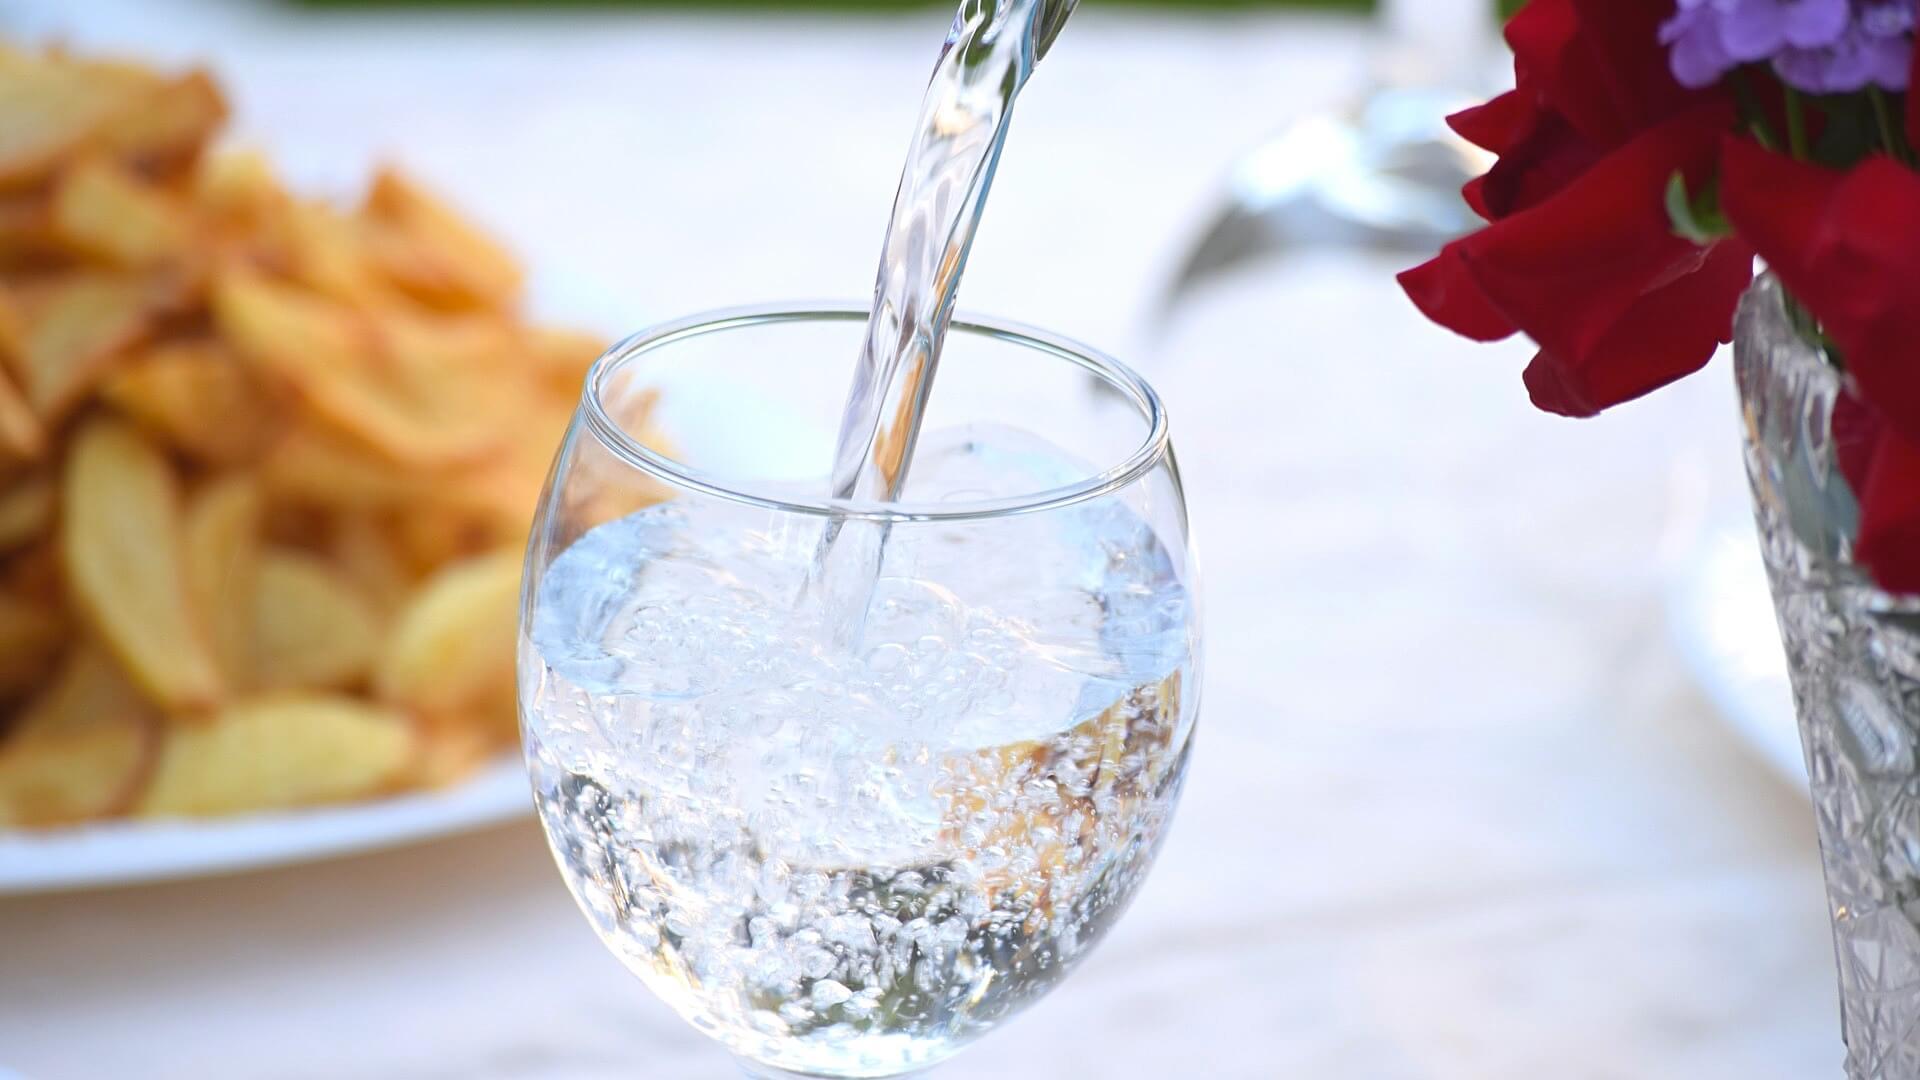 每天喝4升水会中毒?若这样喝水真有可能致命